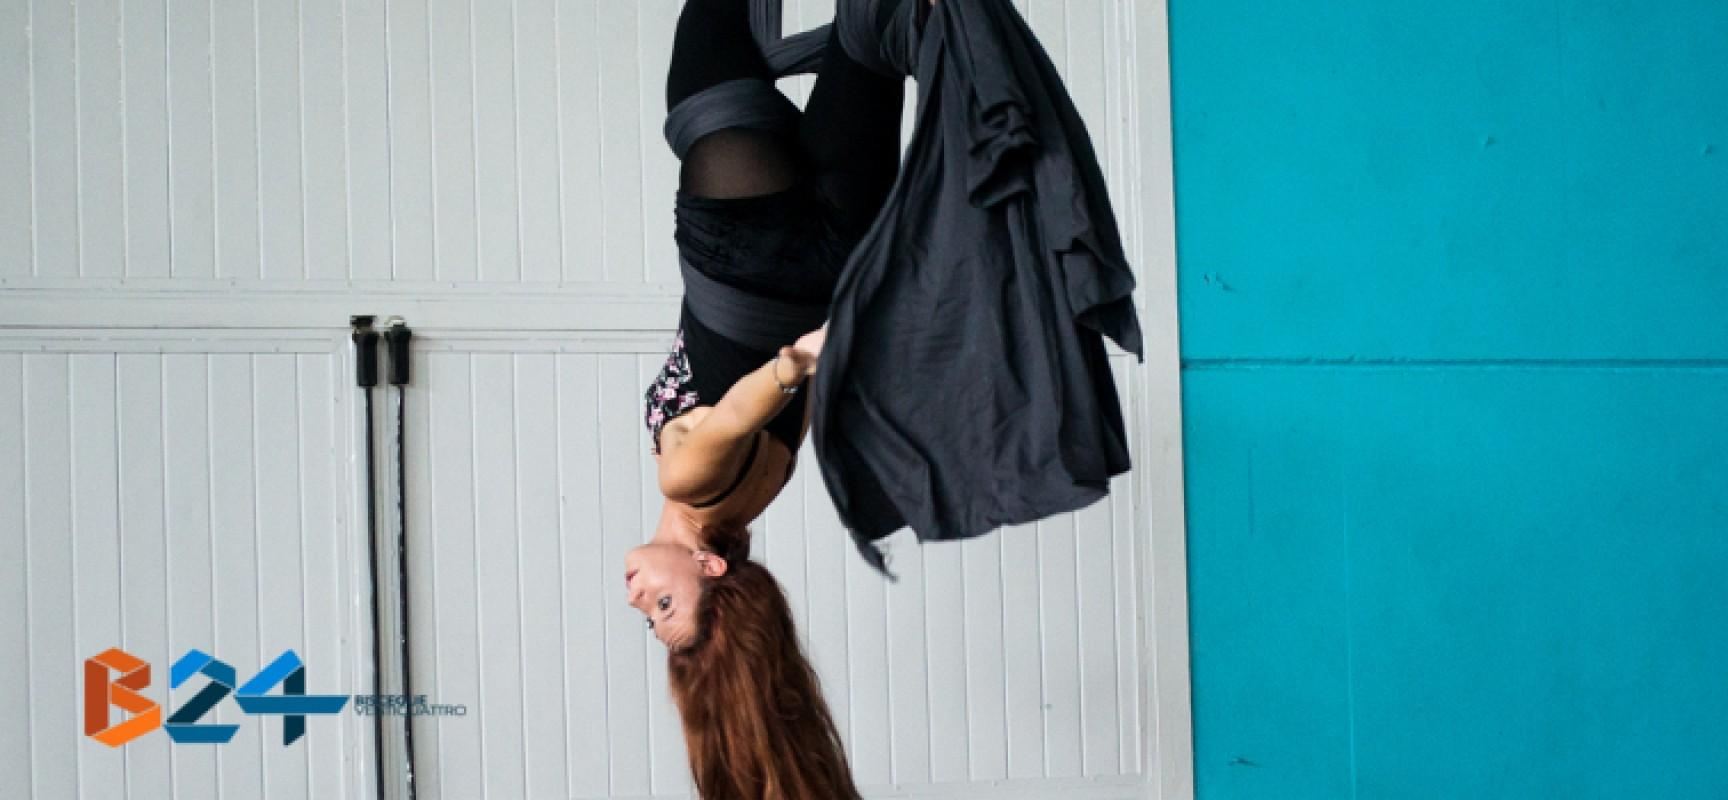 Tessuti aerei, l'antica disciplina circense arriva a Bisceglie grazie a Deianira Curti / FOTO